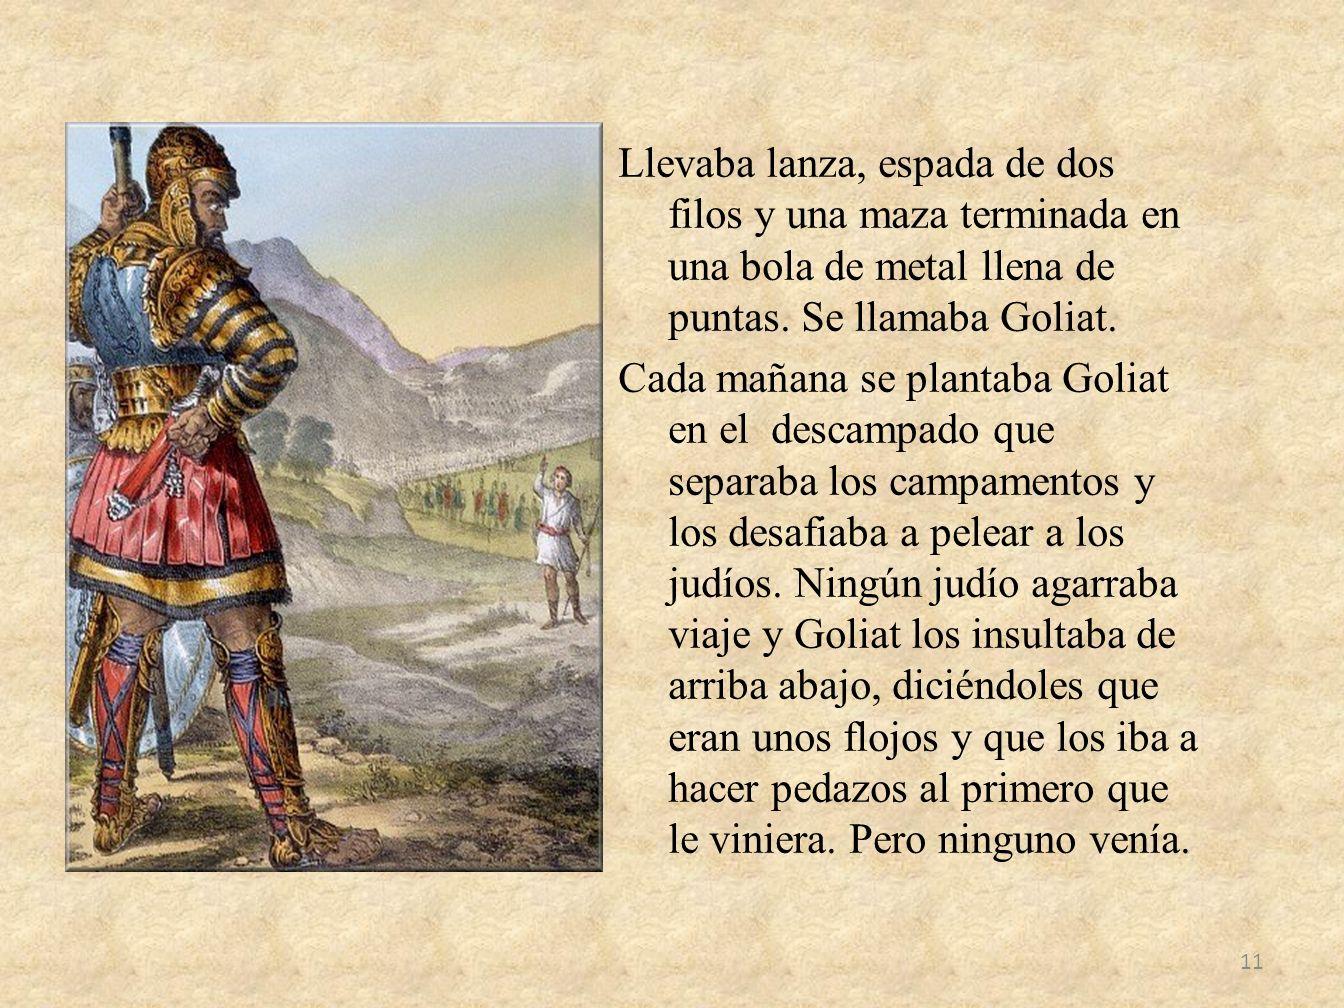 Llevaba lanza, espada de dos filos y una maza terminada en una bola de metal llena de puntas. Se llamaba Goliat. Cada mañana se plantaba Goliat en el